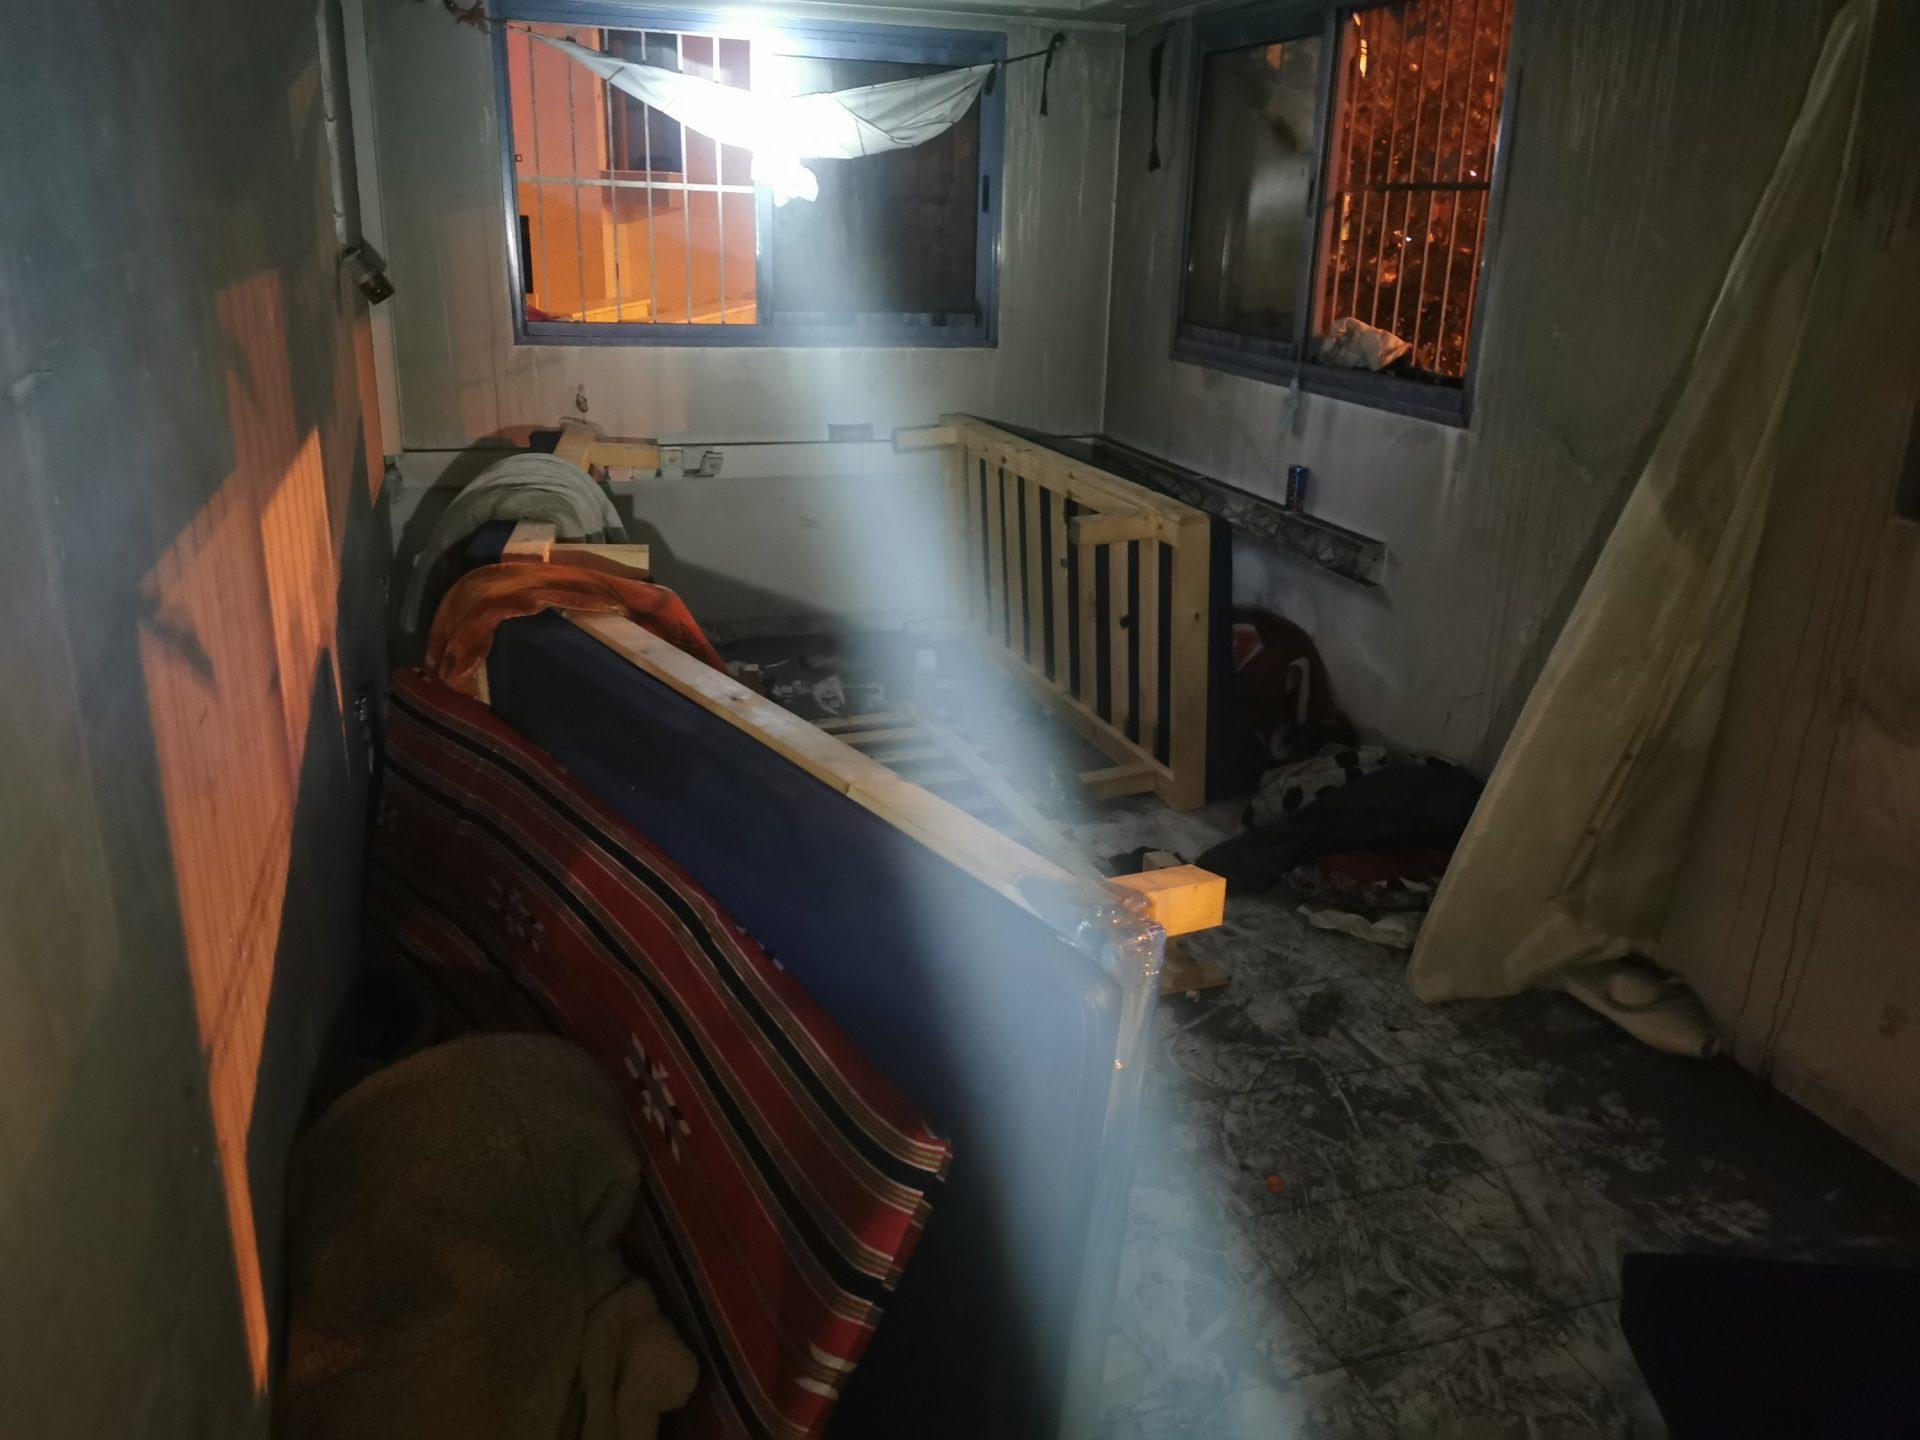 נזקי השריפה בדירה ברחוב רבי שלום שרעבי (צילום: דוברות שירותי הכבאות וההצלה)